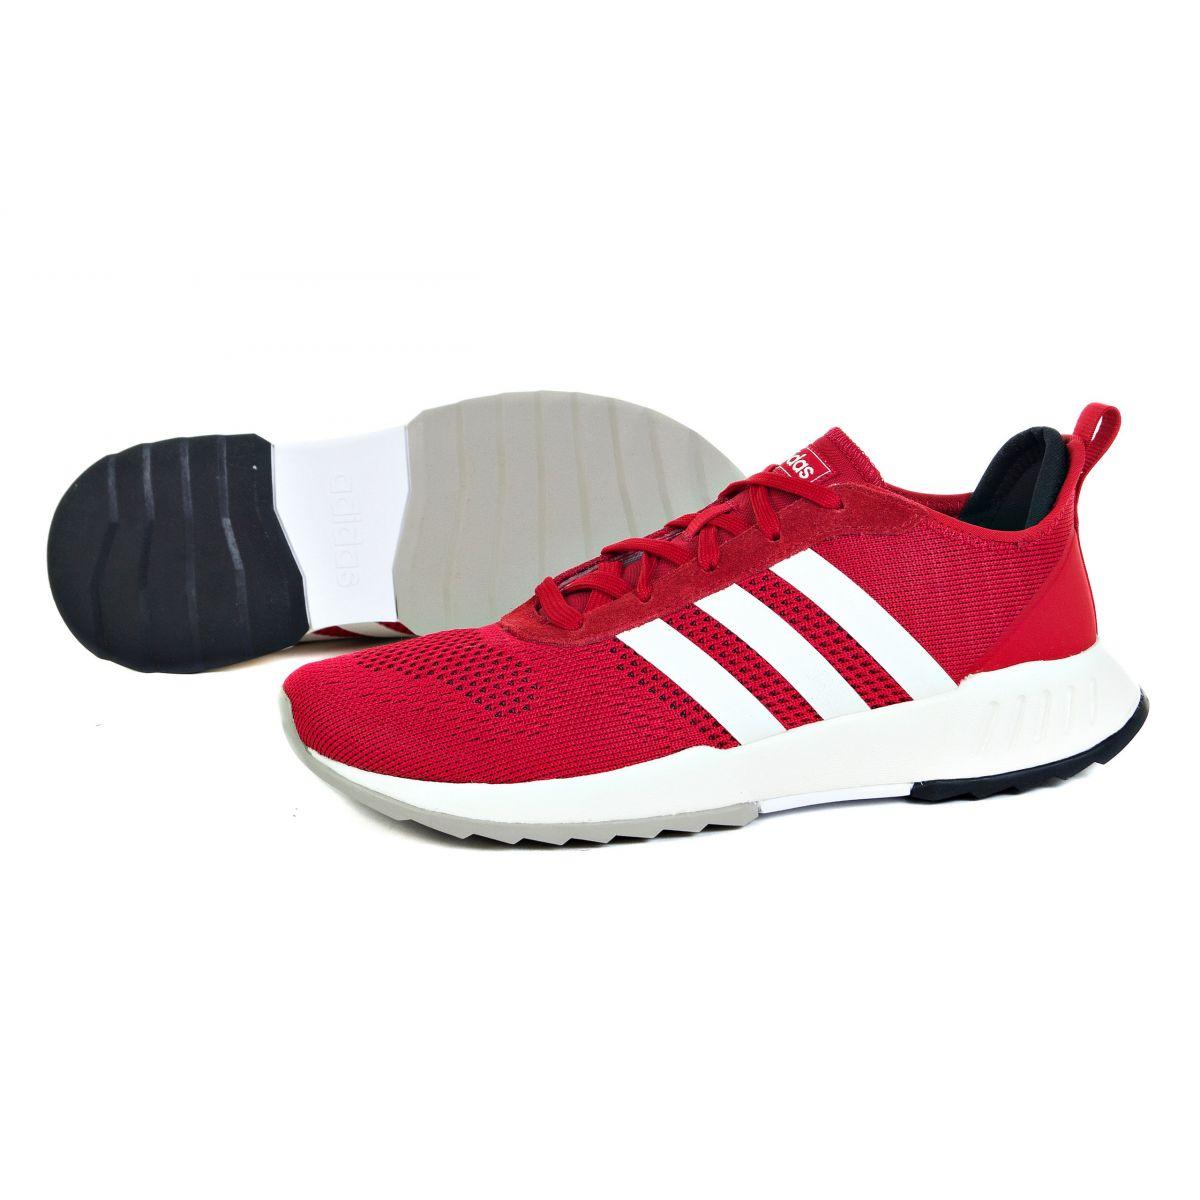 Adidas Phosphere Rouge